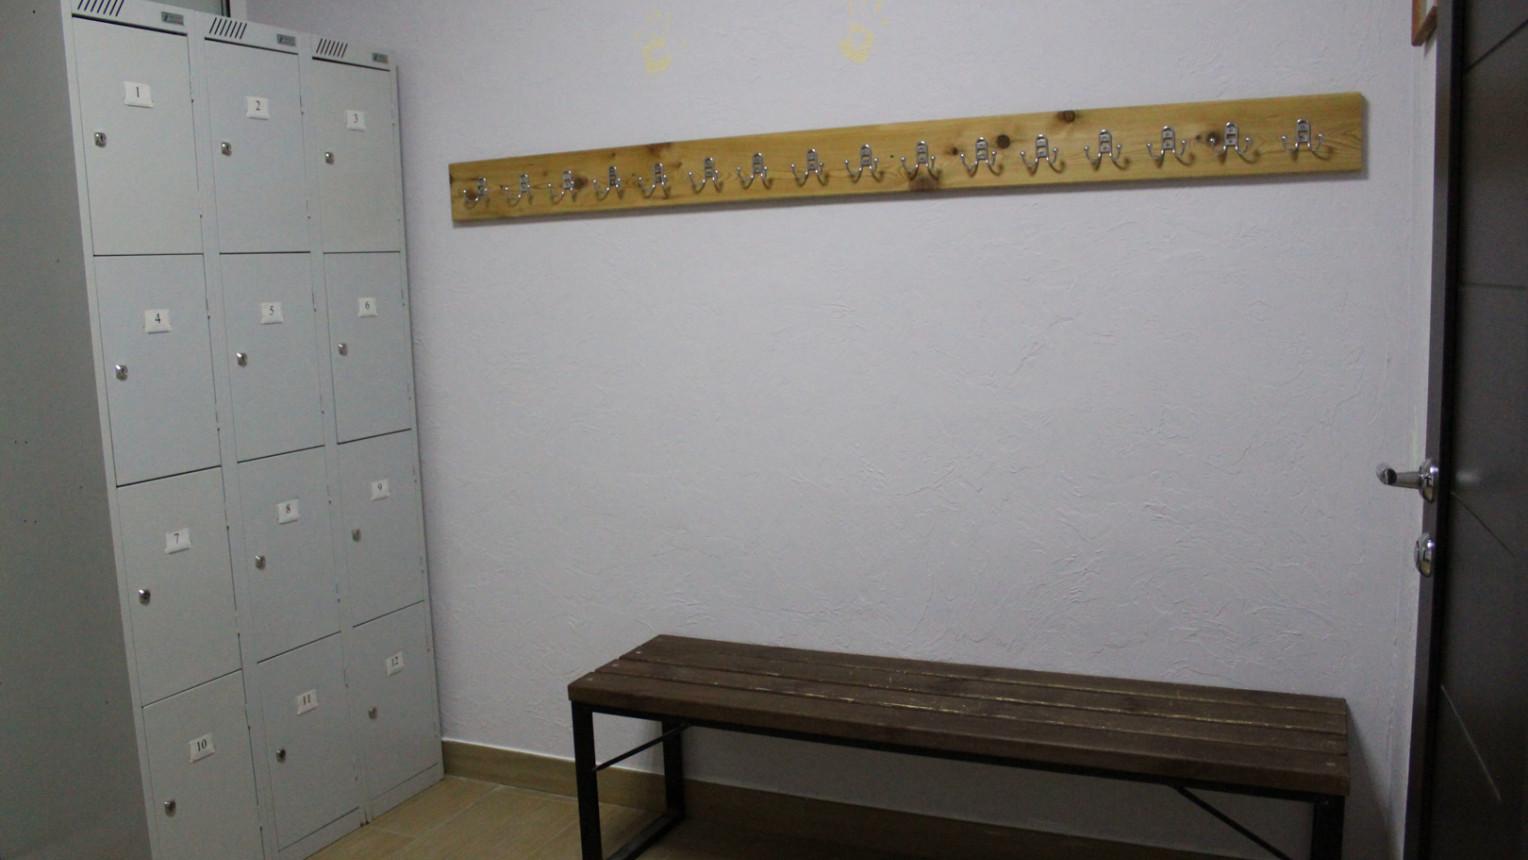 Спортивный зал для единоборств и спорта - фото №5